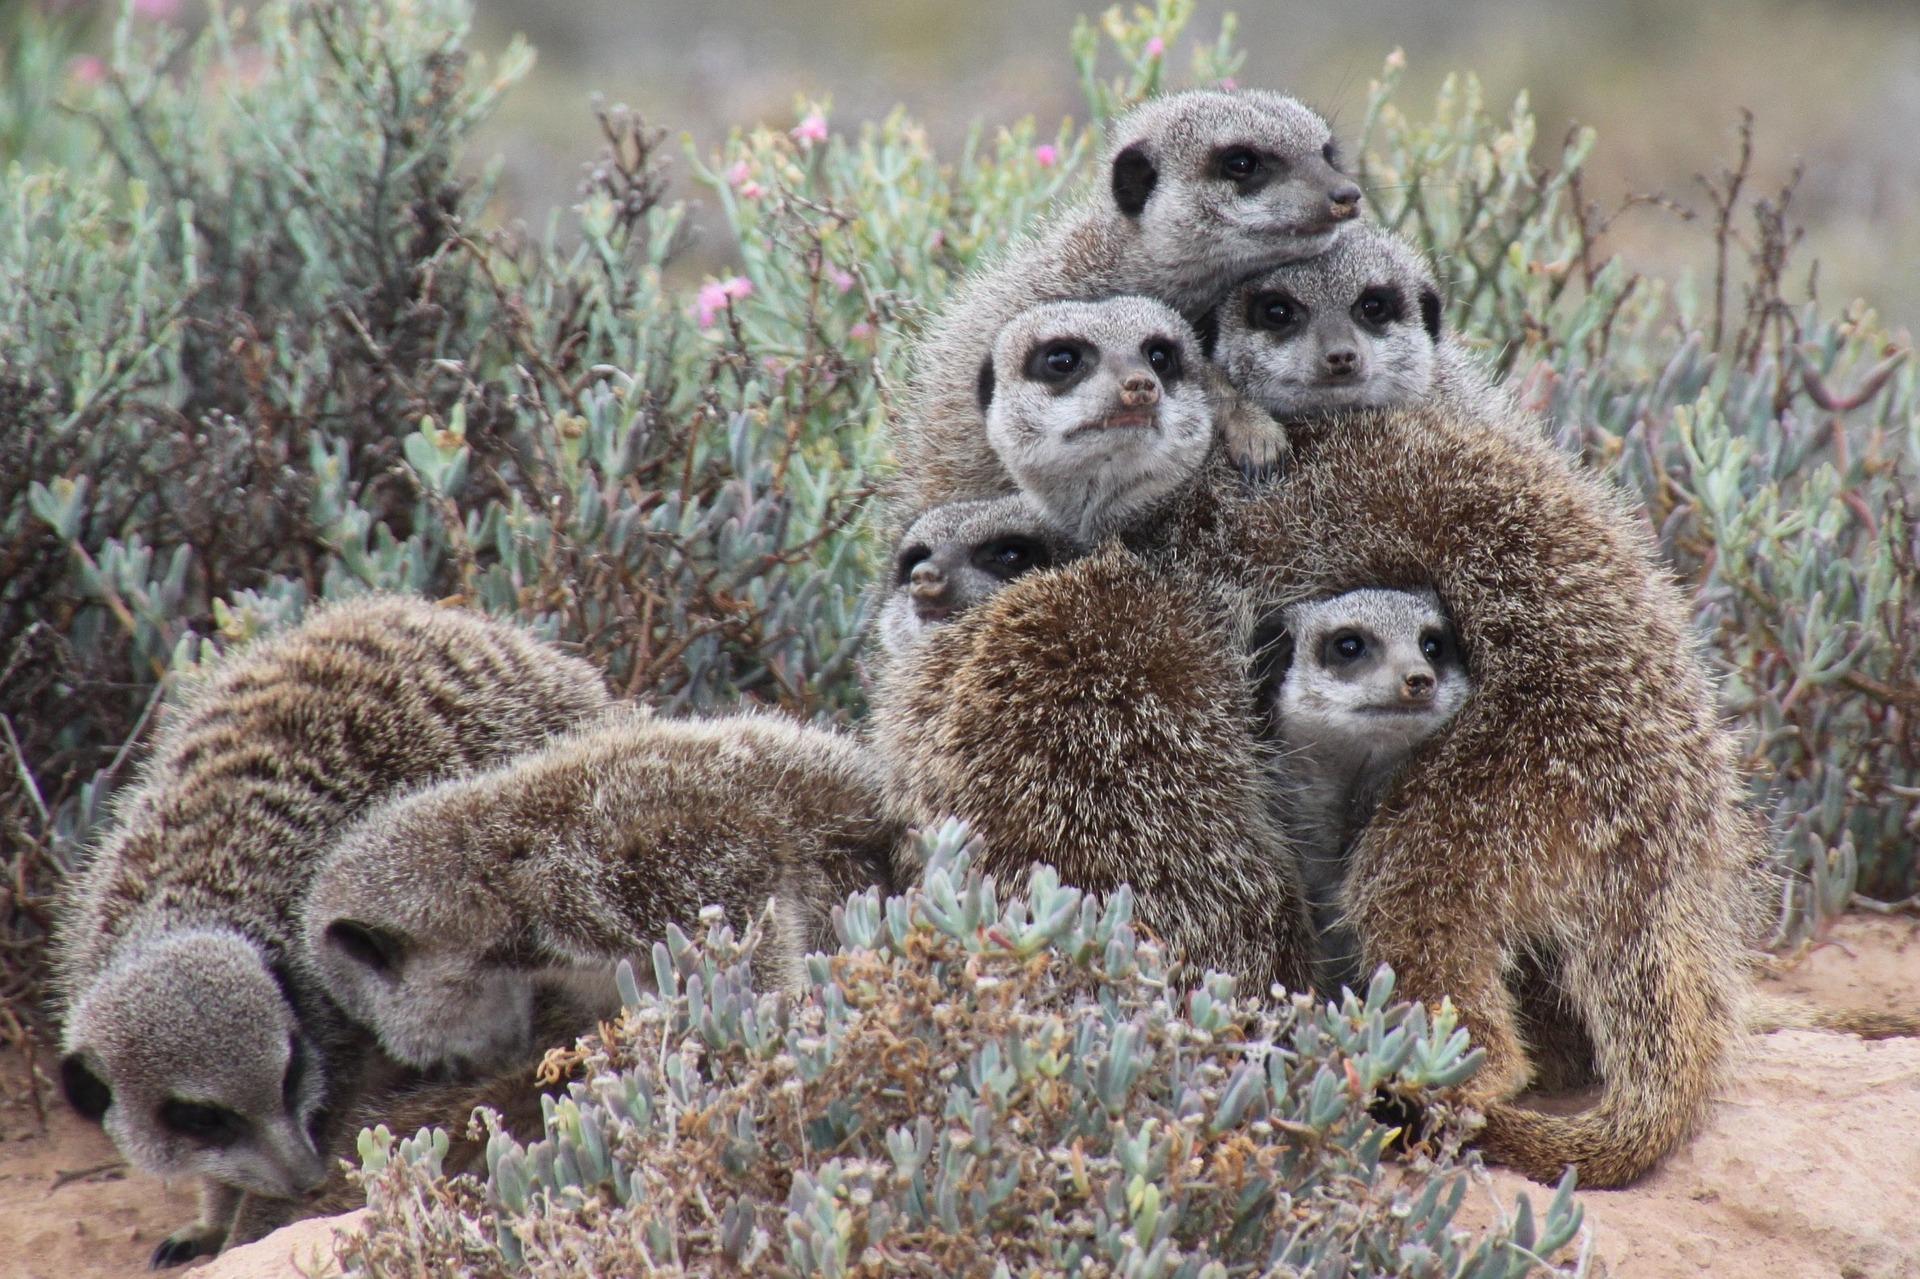 Where do meerkats live?